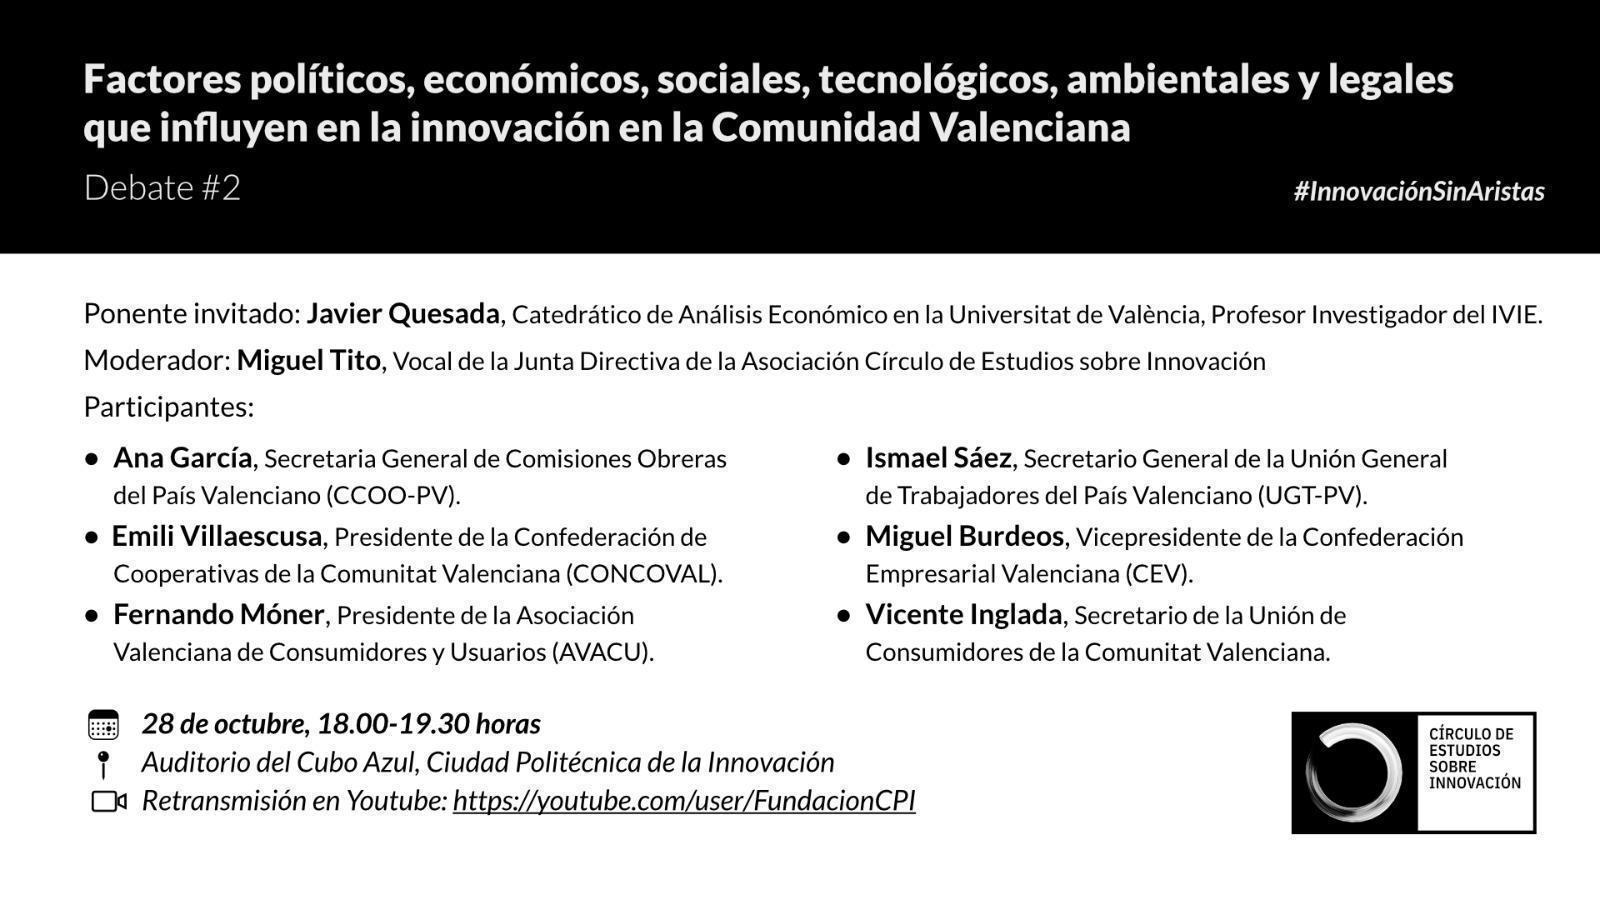 Invitacion_Debate_02